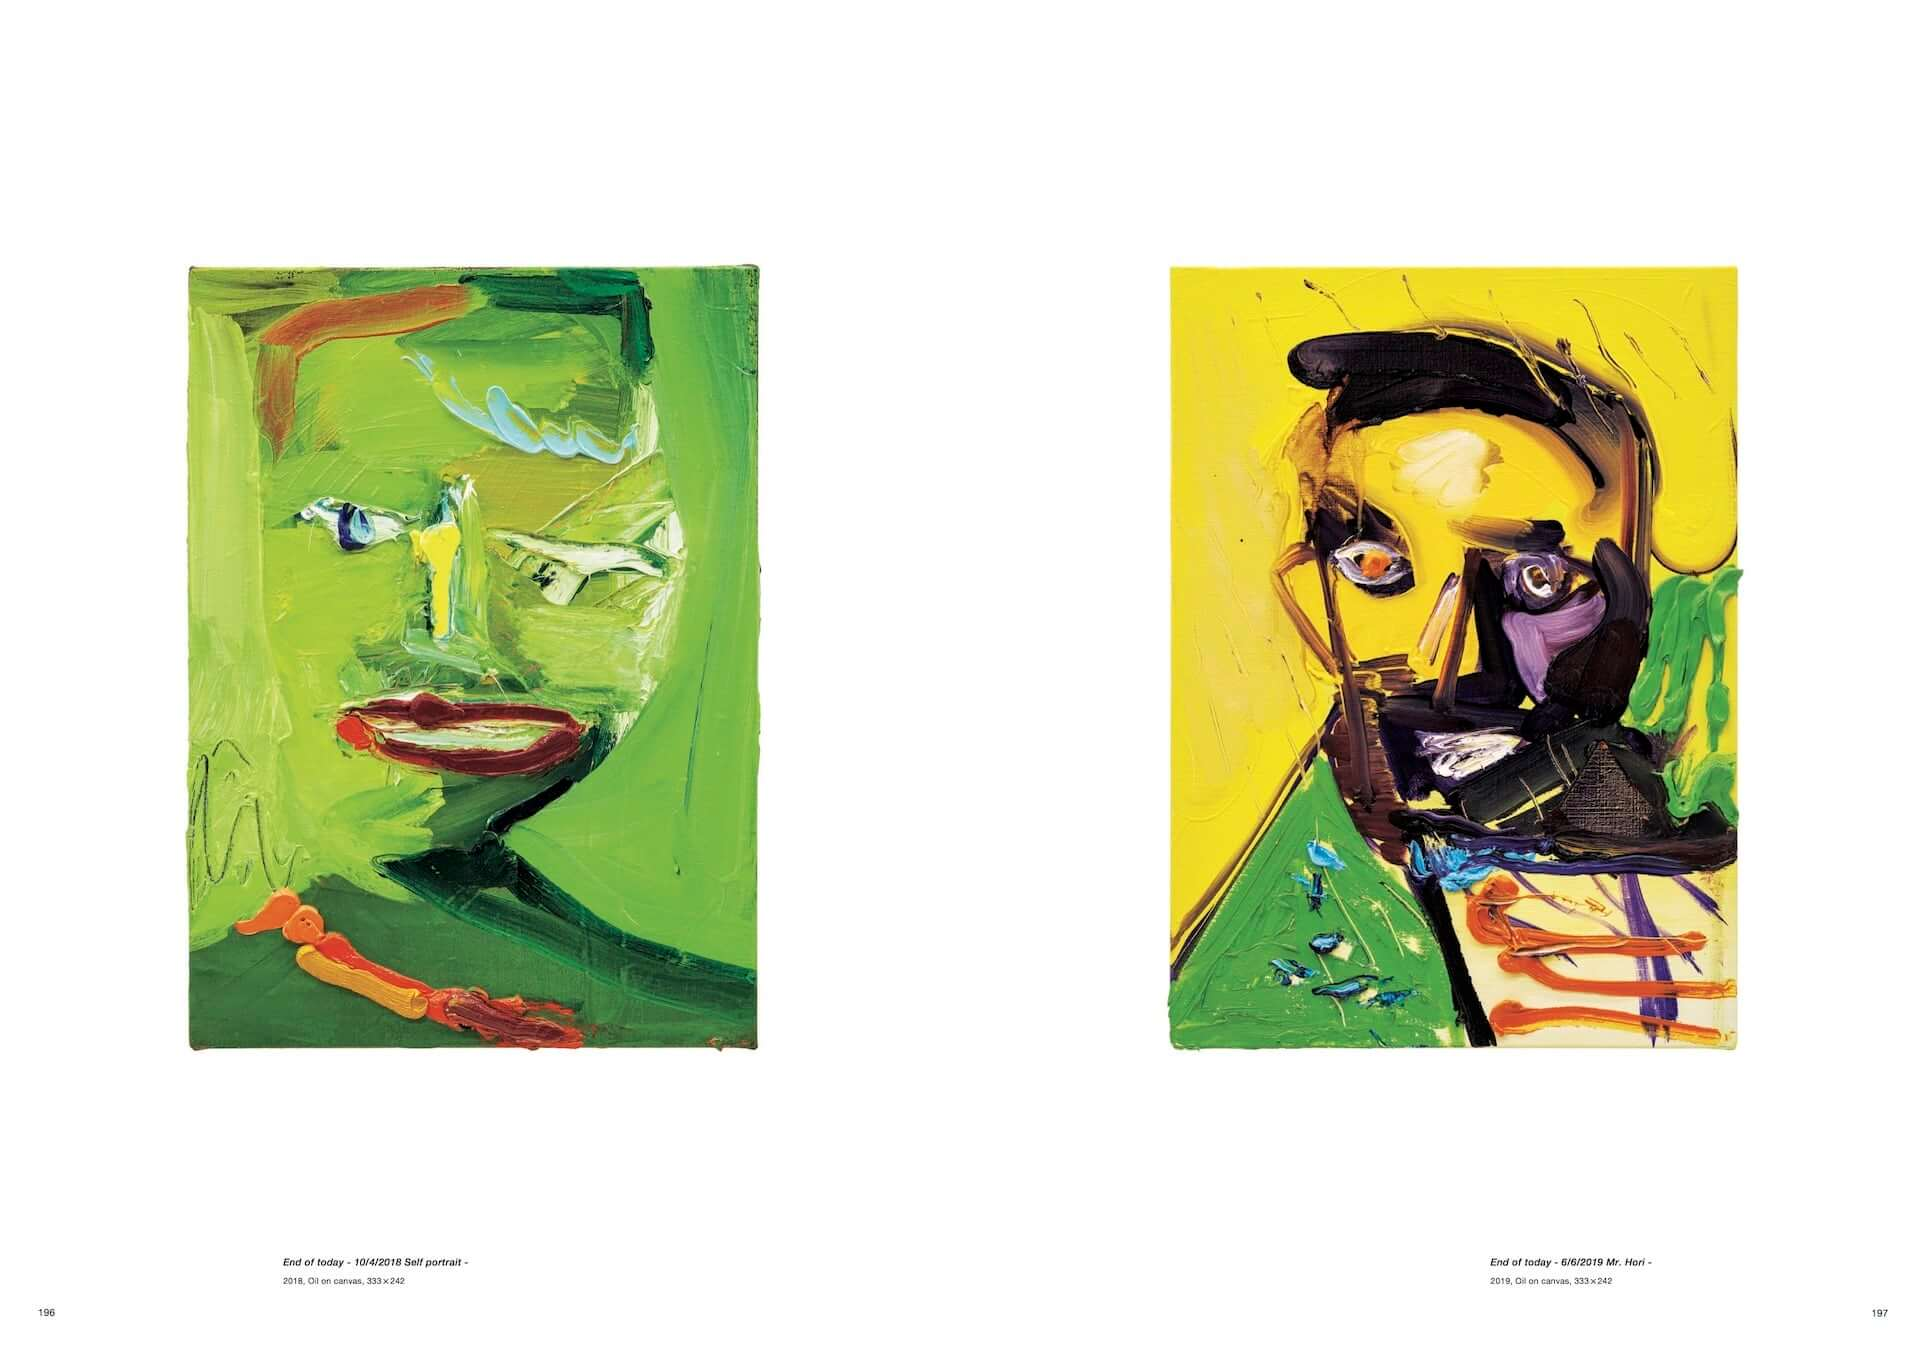 アンディ・ウォーホルの肖像画などを描く井田幸昌の作品集が美術出版社より刊行決定|井田「生きて出会う事象を残したい」 art200514_crystallization_5-1920x1350